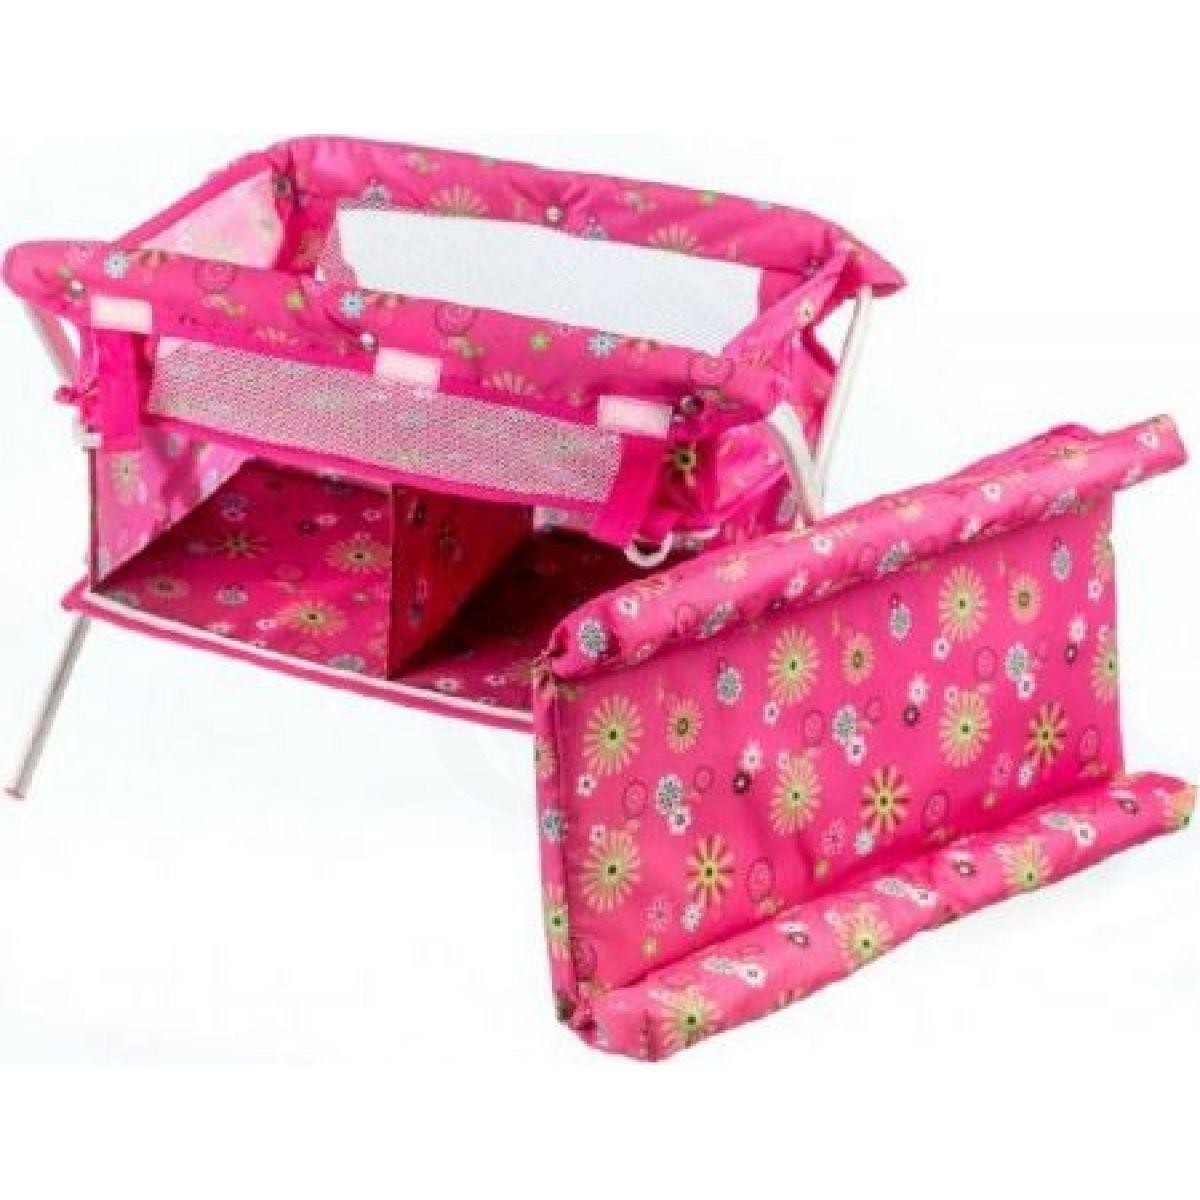 Přebalovací pult pro panenky